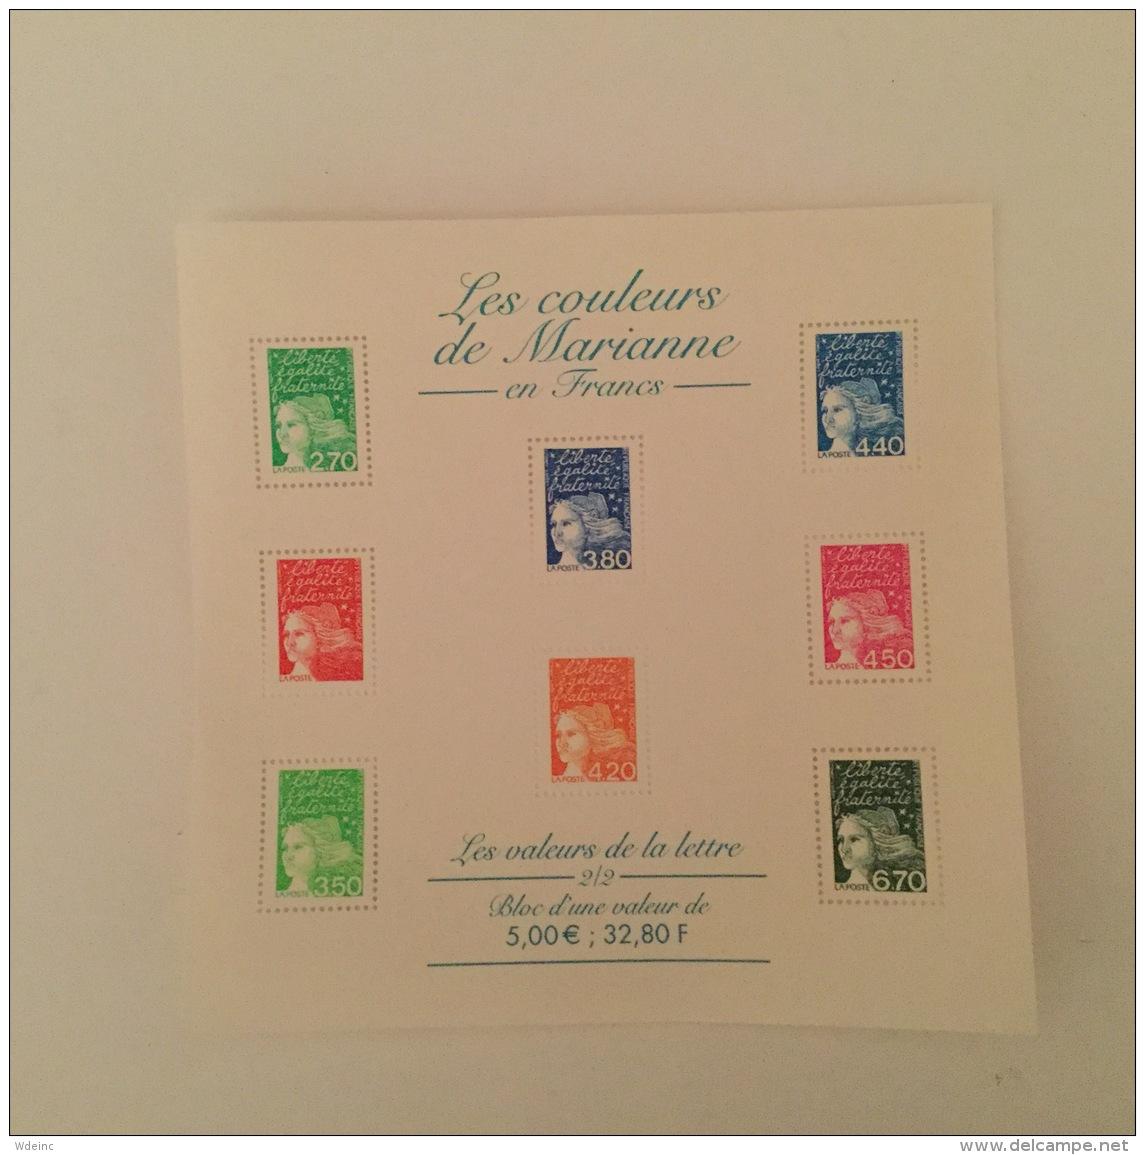 FRANCE 2001 Les Couleurs De Marianne En Francs Feuillet-M/S Superbe-MUH Yv42 - Blocs Souvenir